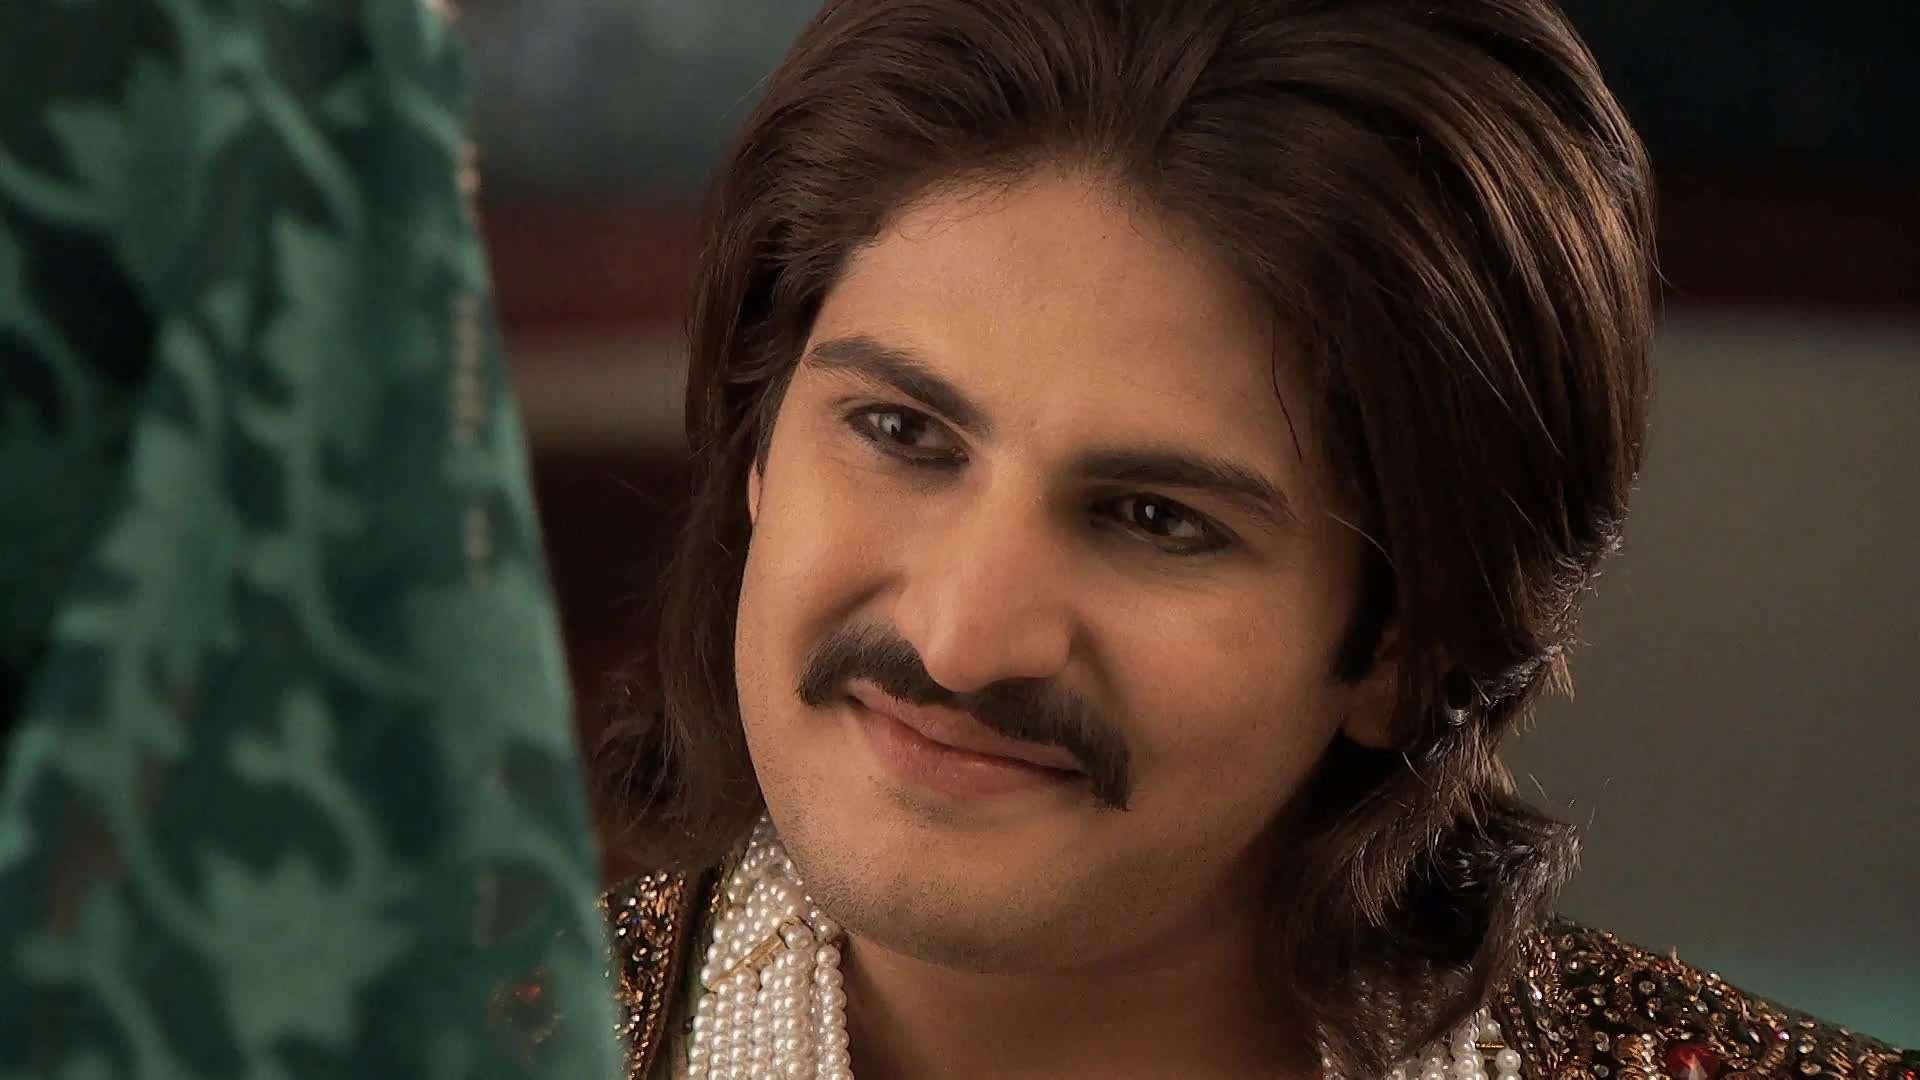 المسلسل الهندي التاريخي جودا أكبر الجزء الثاني (2013) [مدبلج] كامل 1080p تحميل تورنت 7 arabp2p.com